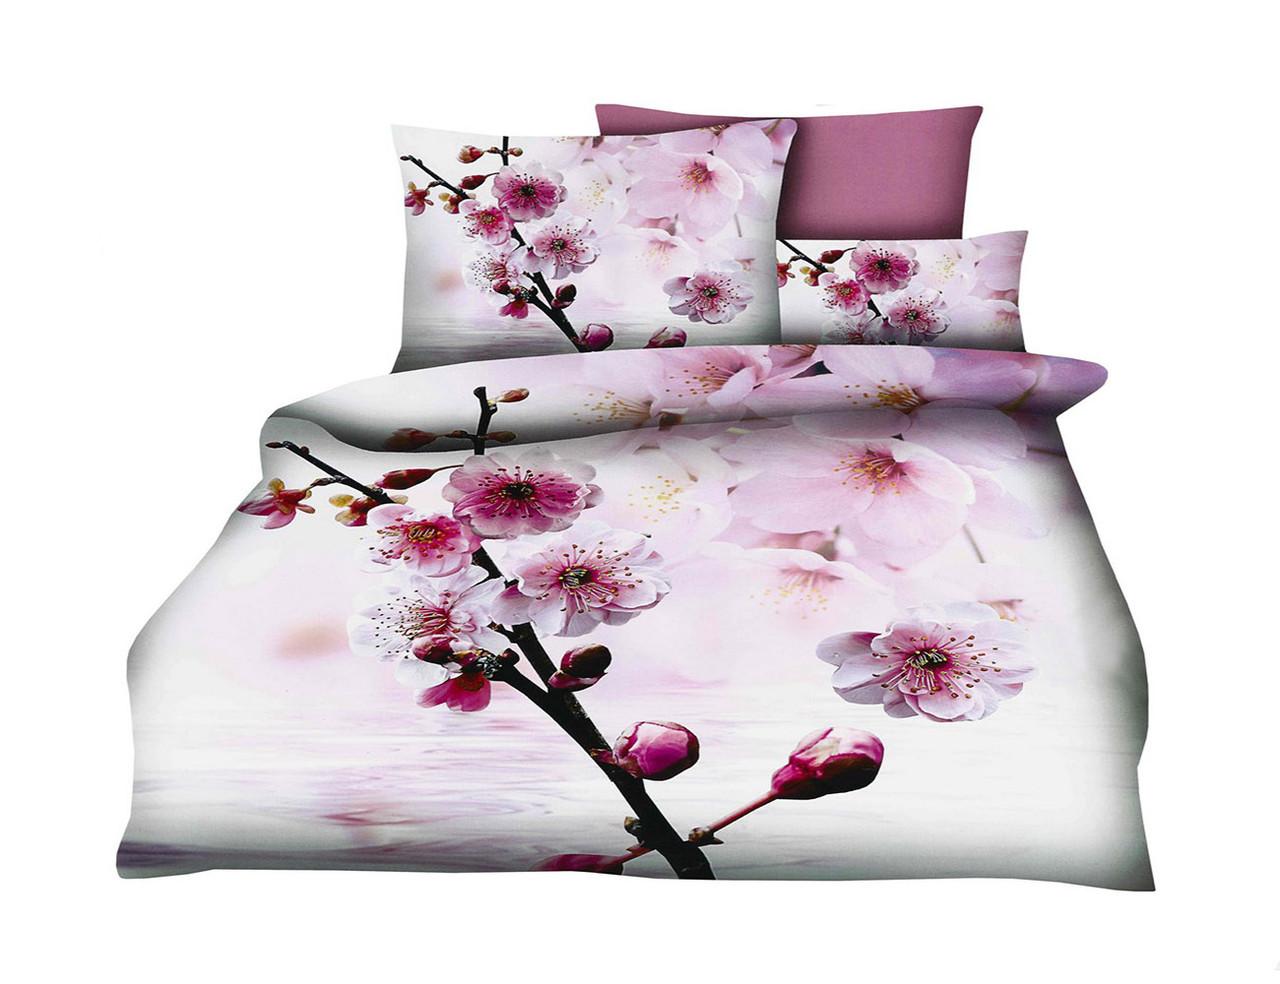 Комплект постельного белья Микроволокно HXDD-630 M&M 4198 Кремовый, Розовый